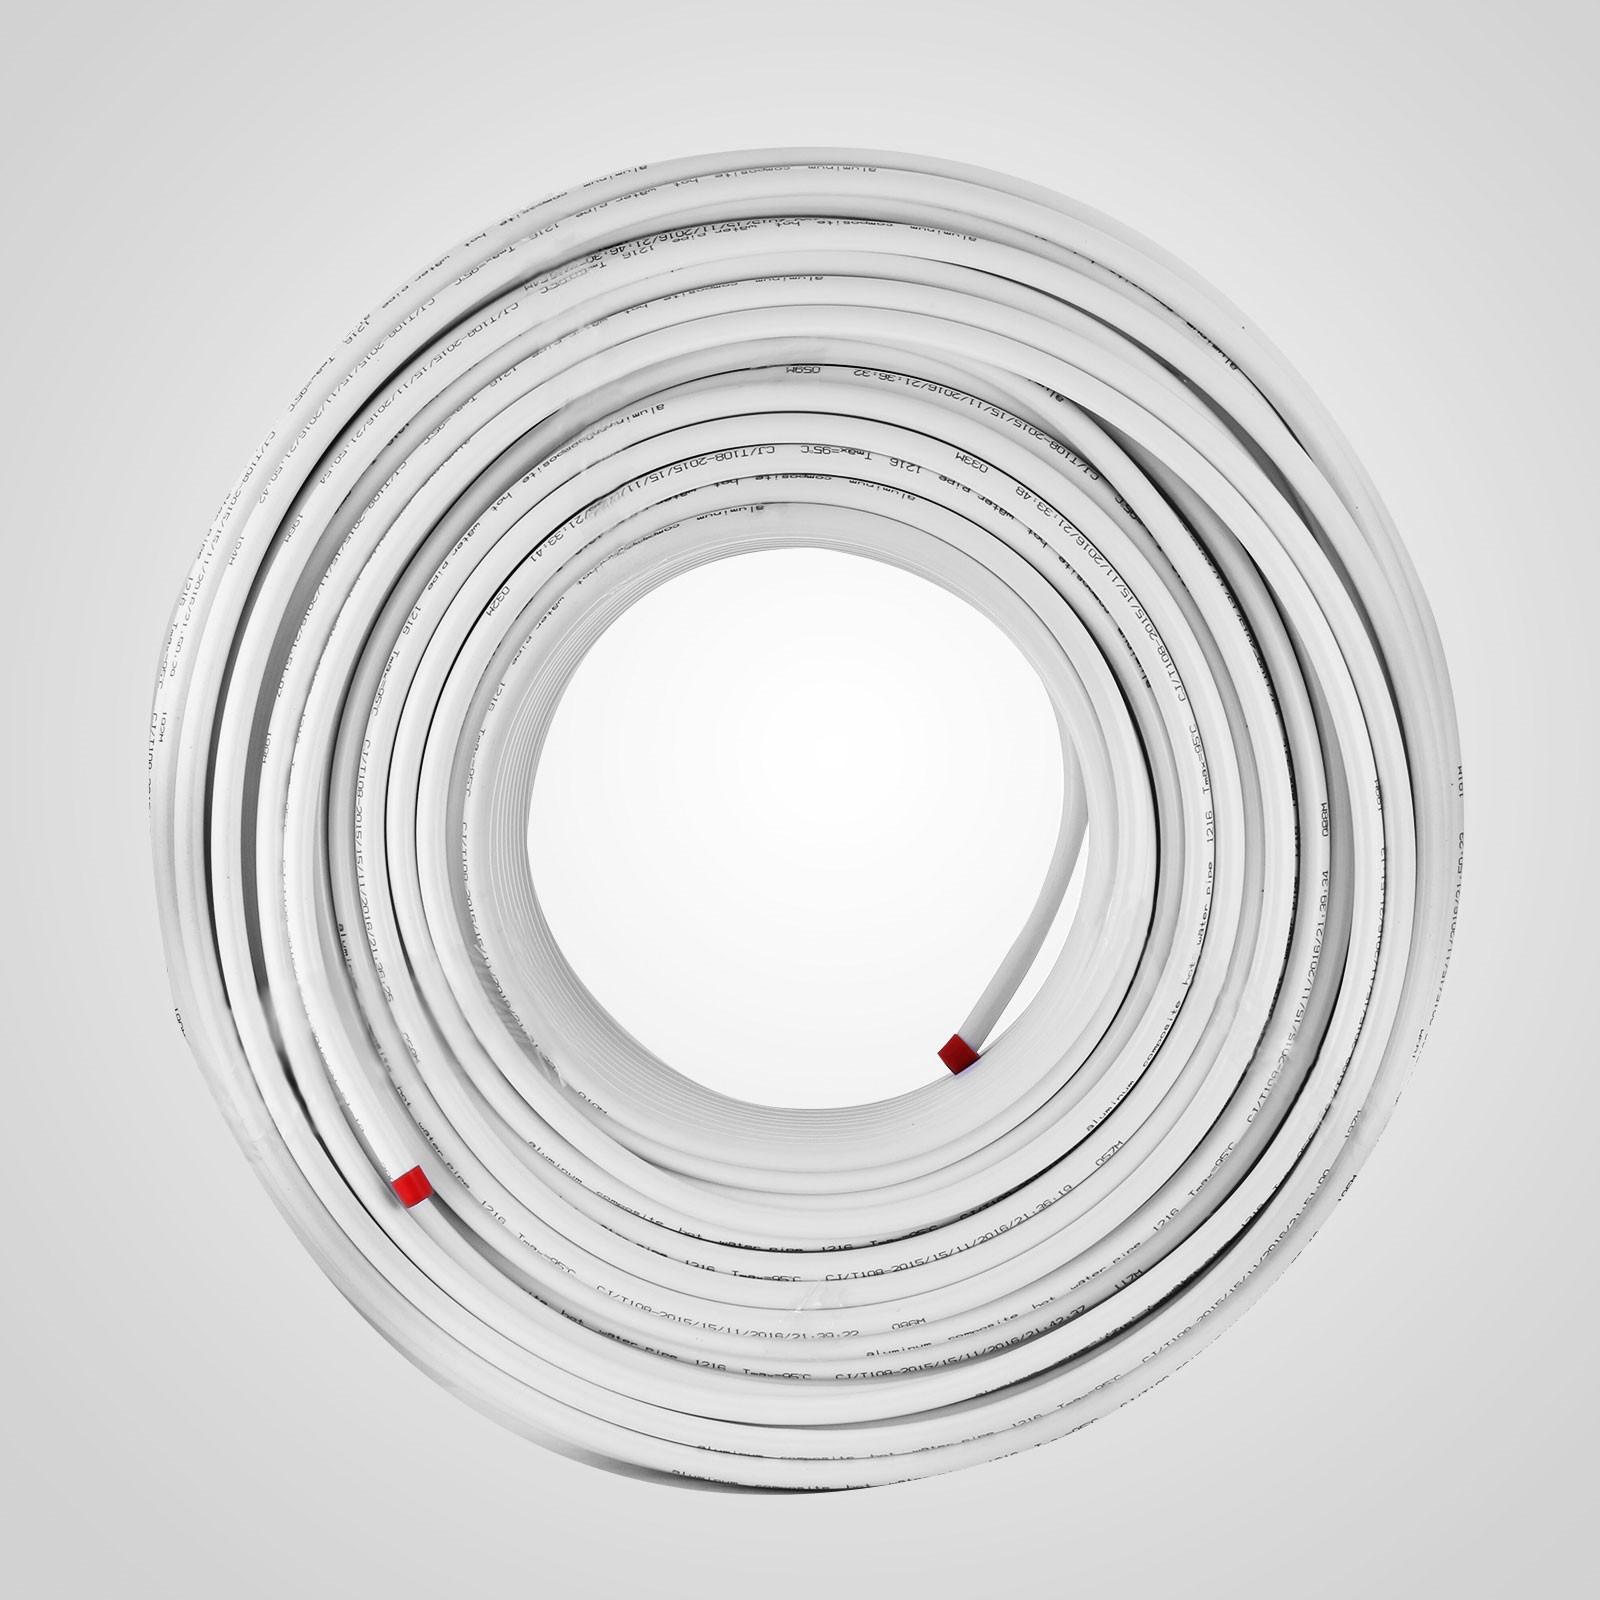 Alu Mehrschichtverbundrohr Verbundrohr 200m Rolle 100~300ft  DIN-DVGW Pex Rohr